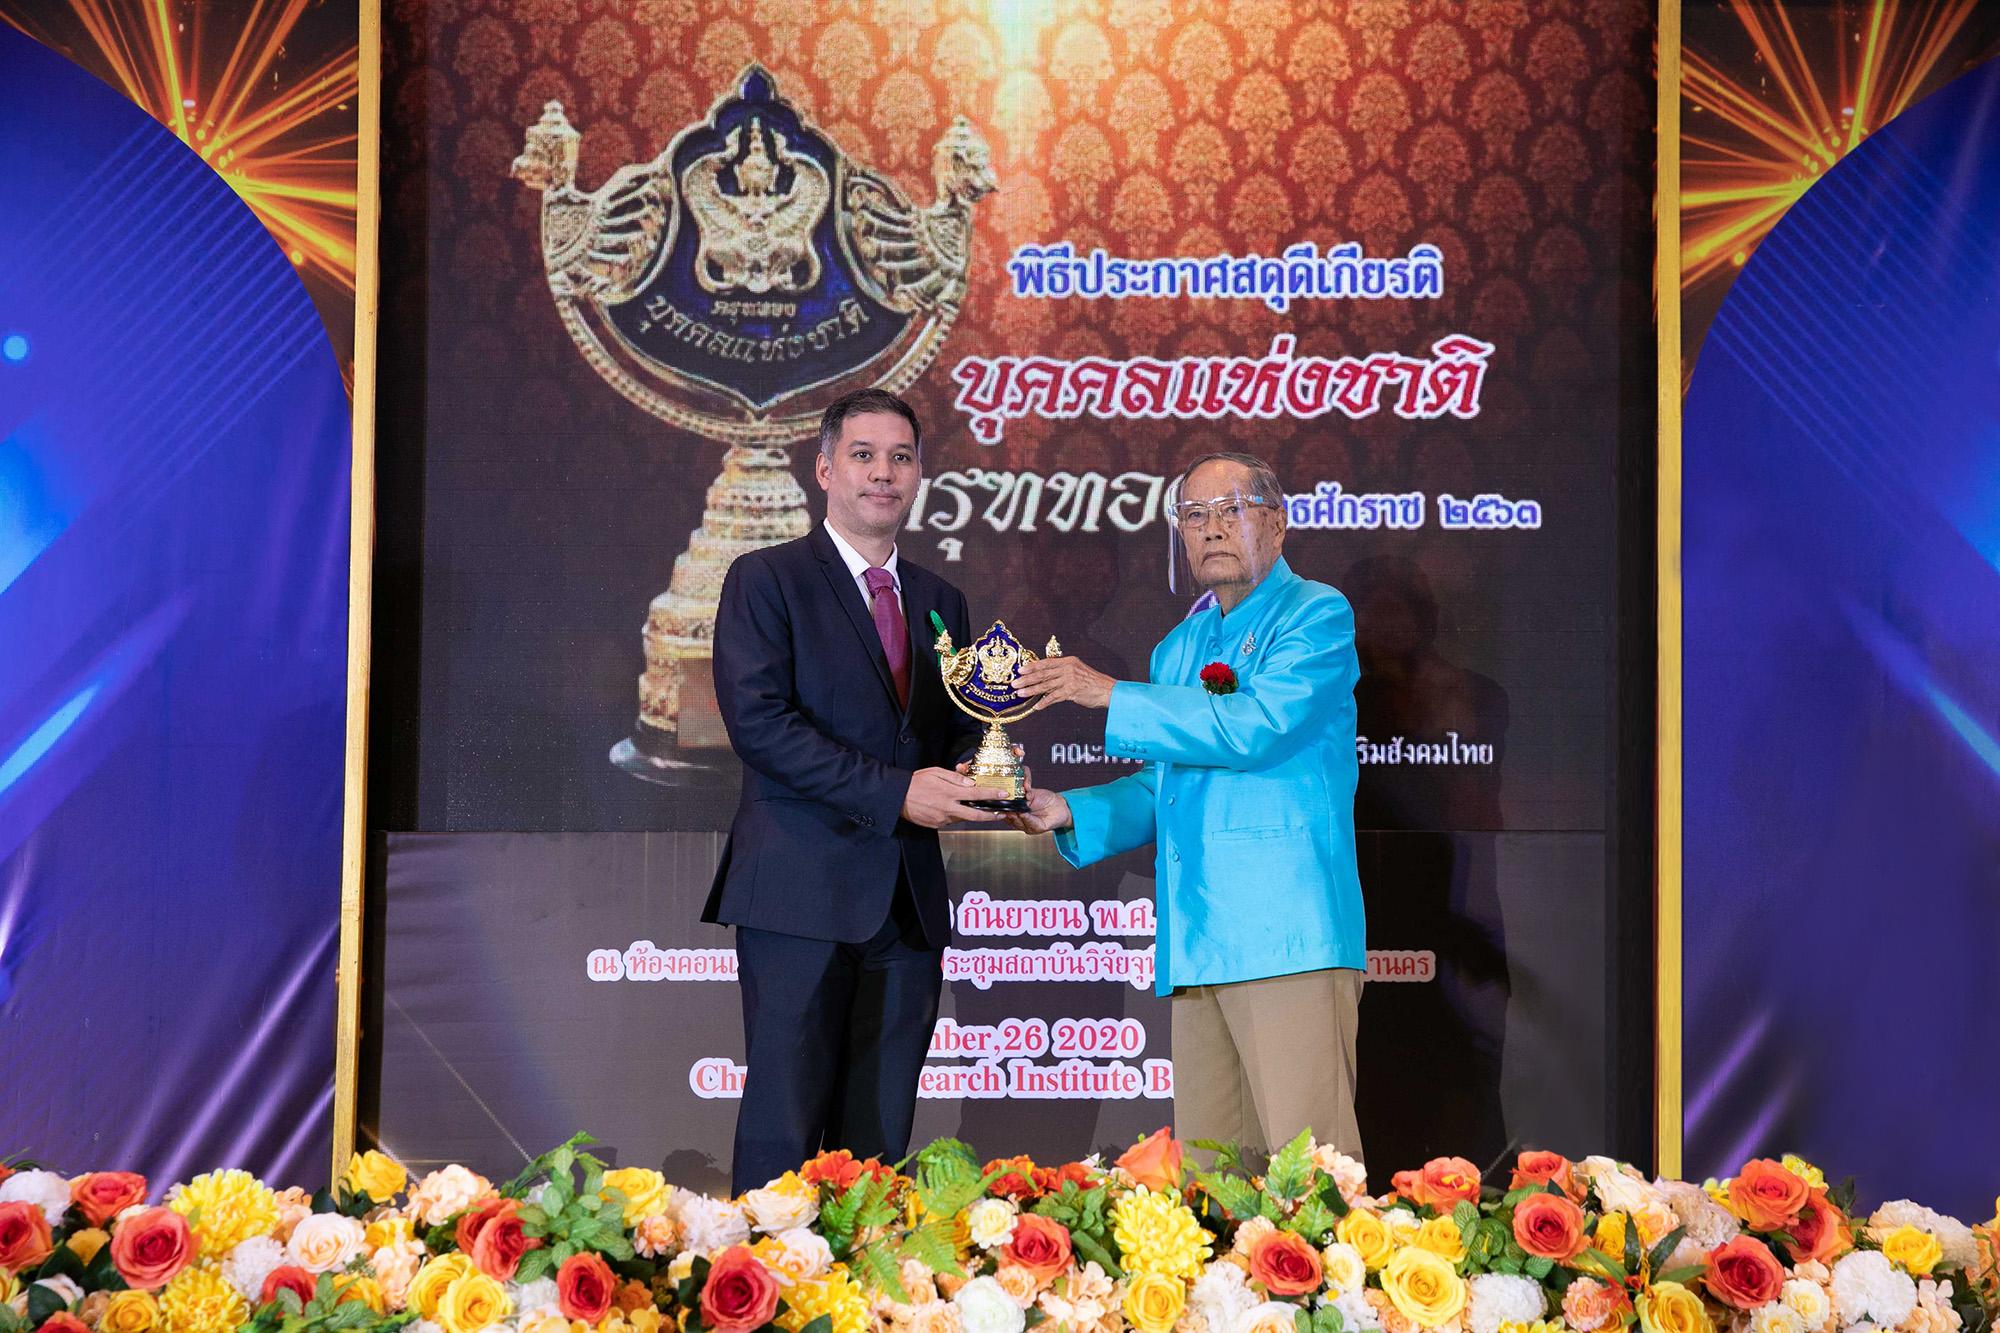 ผู้บริหาร รพ.วิรัชศิลป์ จ.ชุมพร ในเครือพริ้นซิเพิล แคปิตอล รับรางวัลบุคคลตัวอย่างแห่งชาติ ปี 63 จากคณะกรรมการเครือข่ายส่งเสริมสังคมไทย